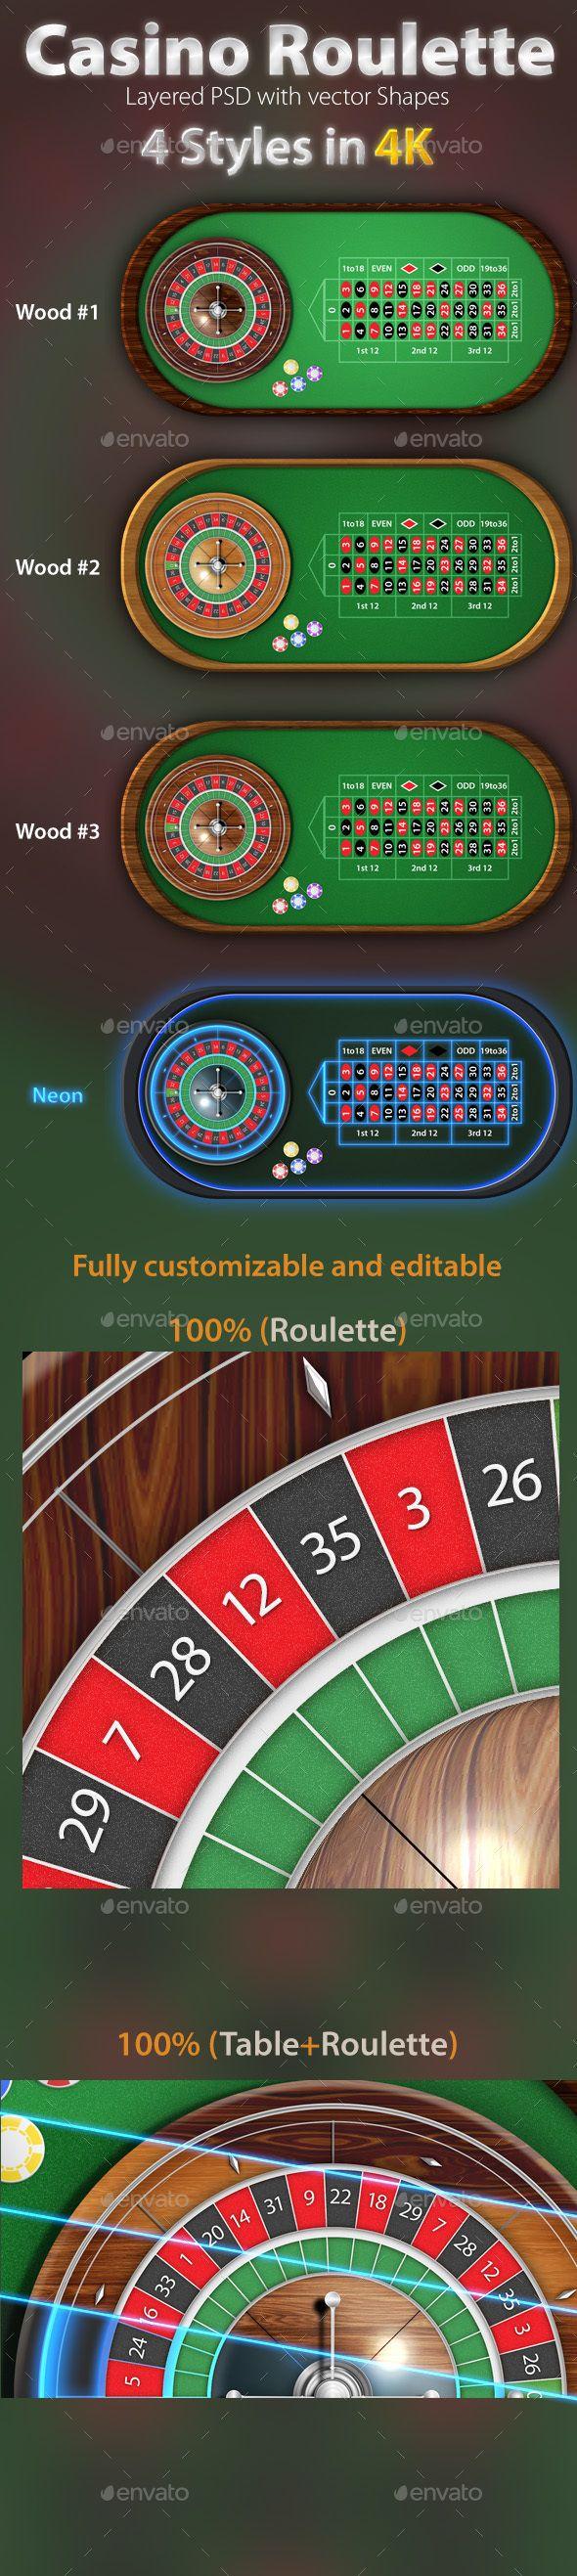 European roulette table pack 4k